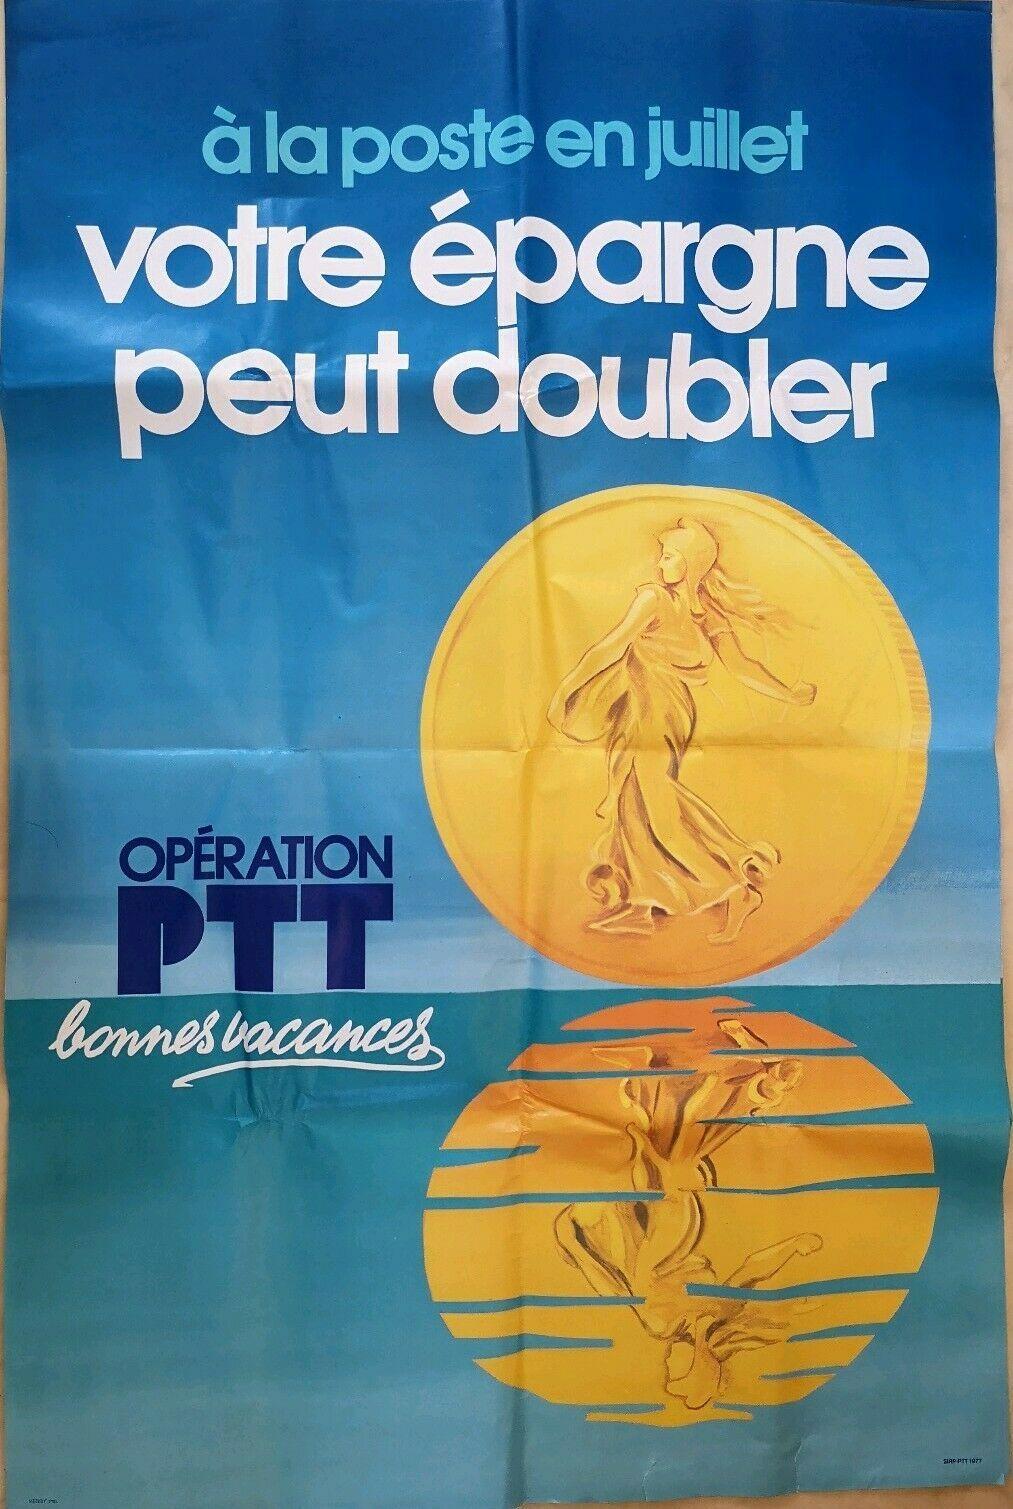 Details Sur Grande Affiche Operation Ptt Epargne Doublee 1977